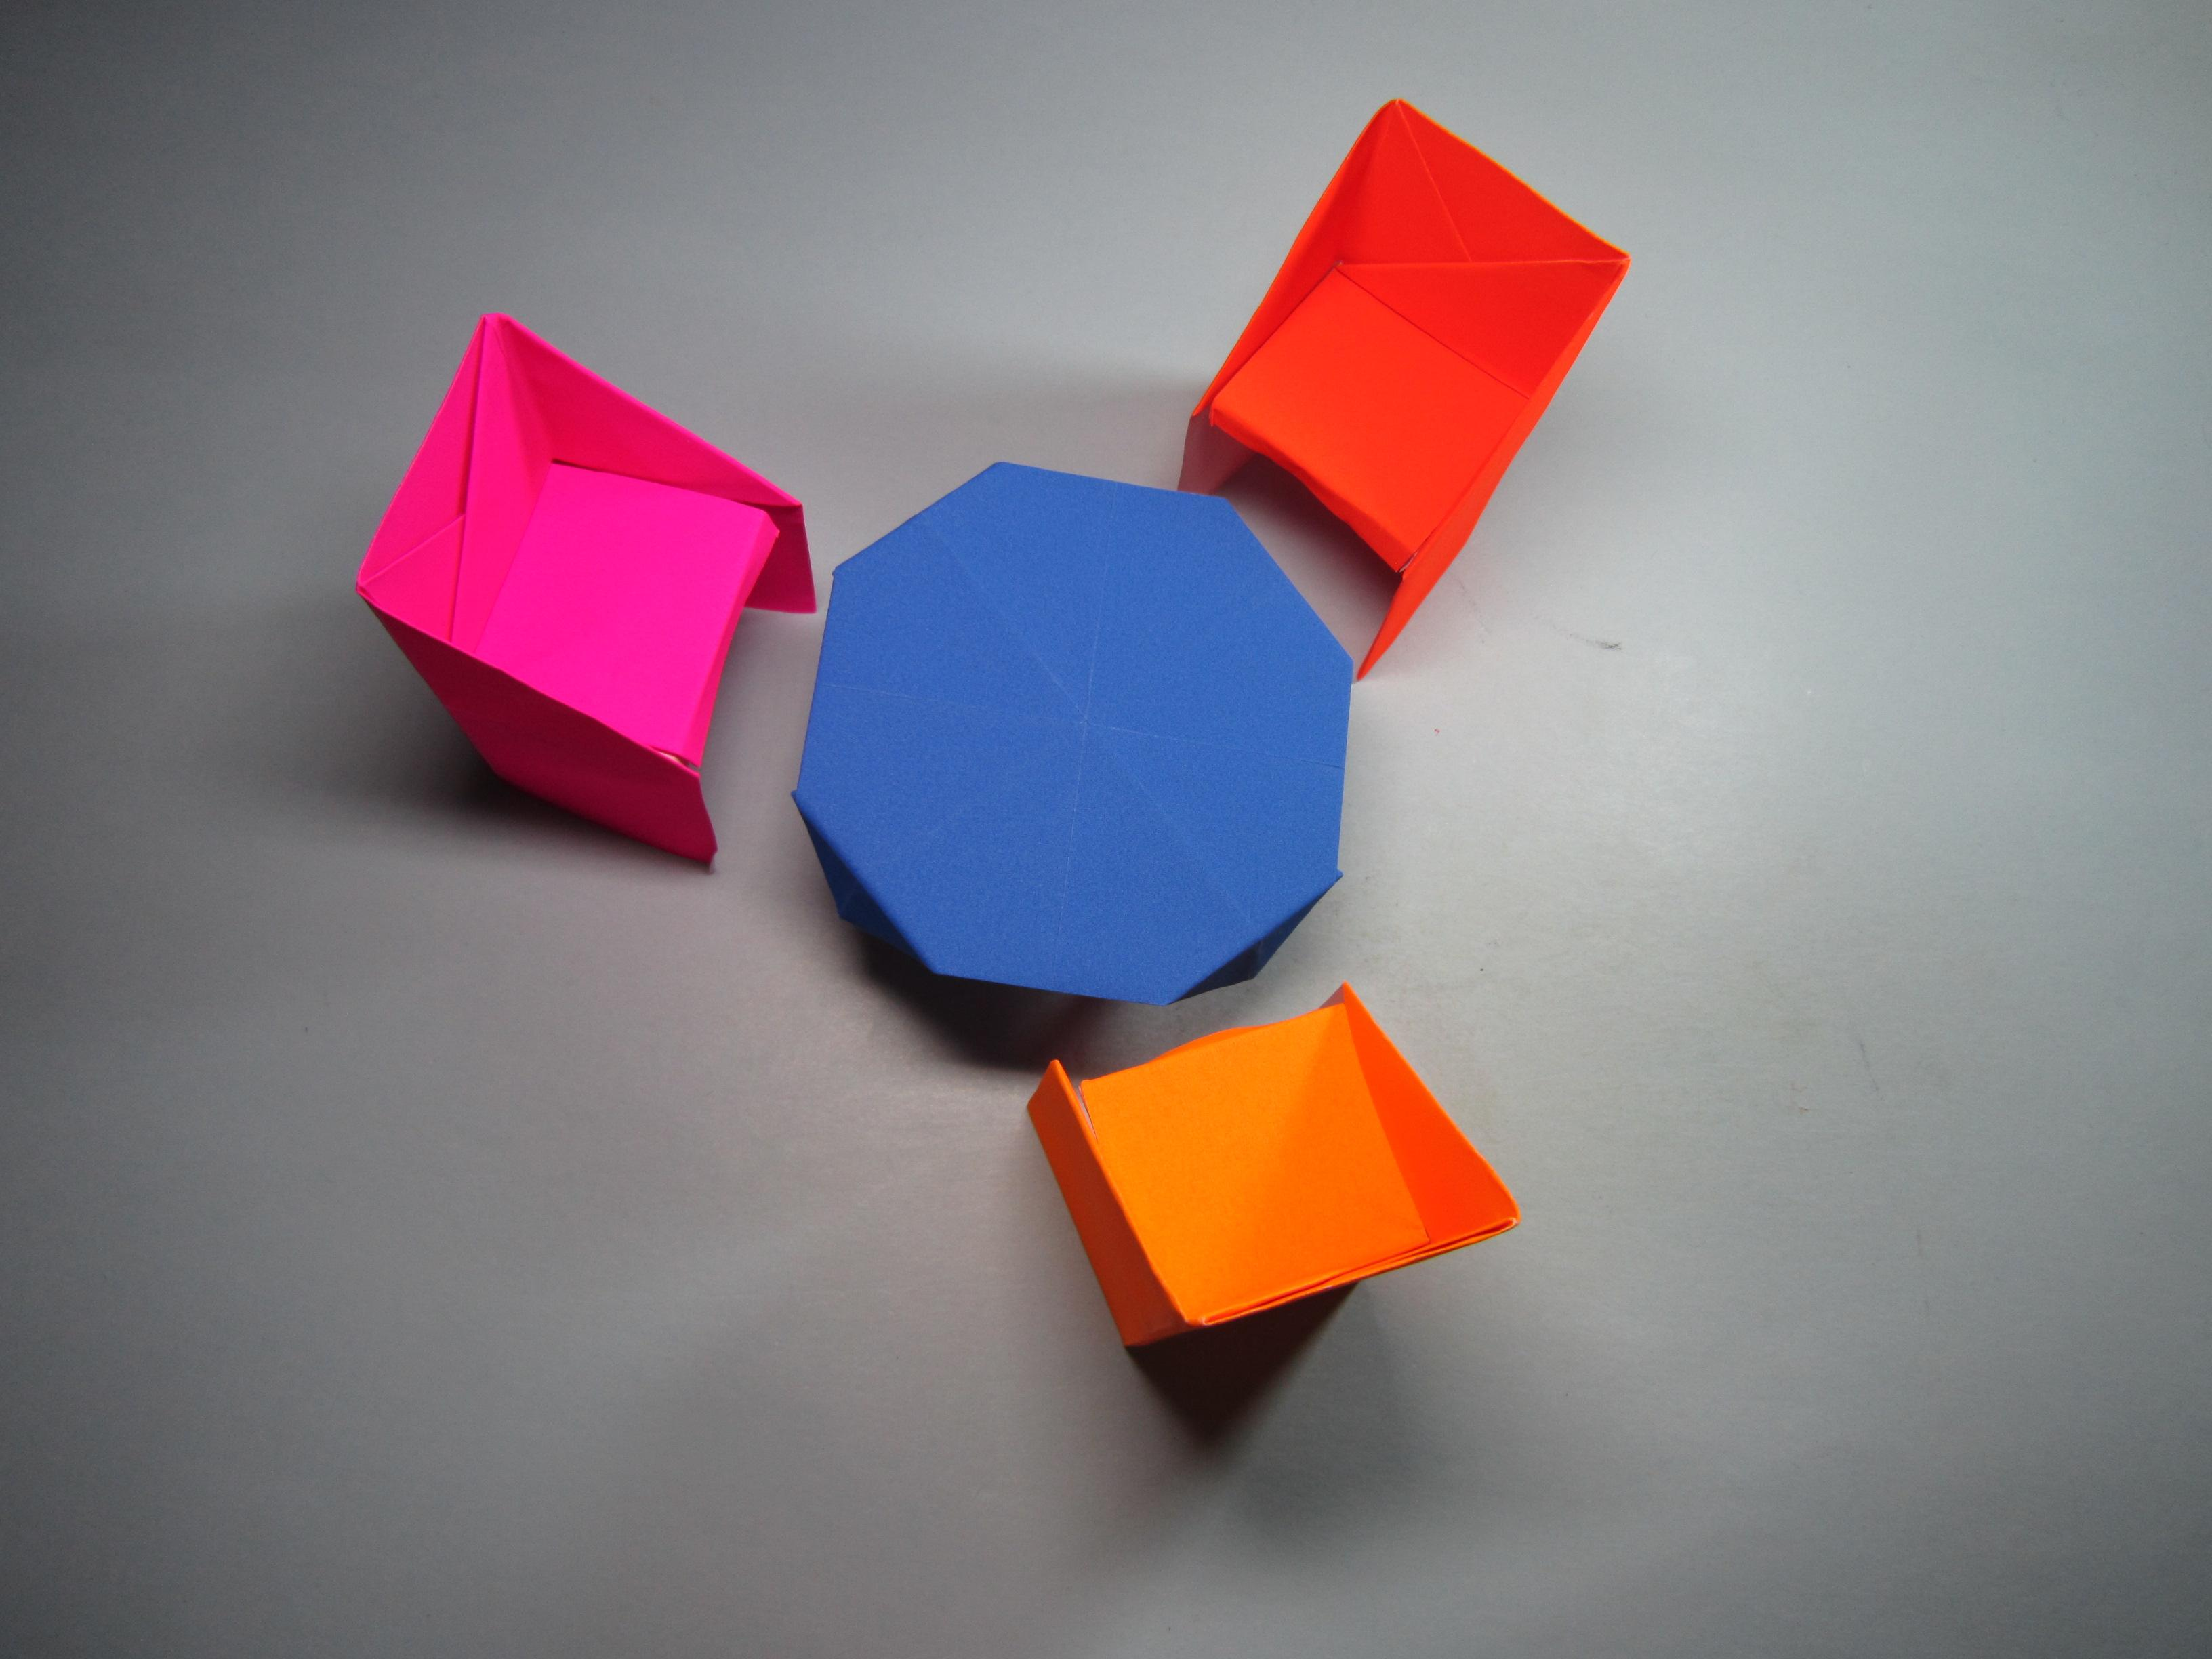 儿童手工折纸家具,简单又漂亮的桌子椅子的折法